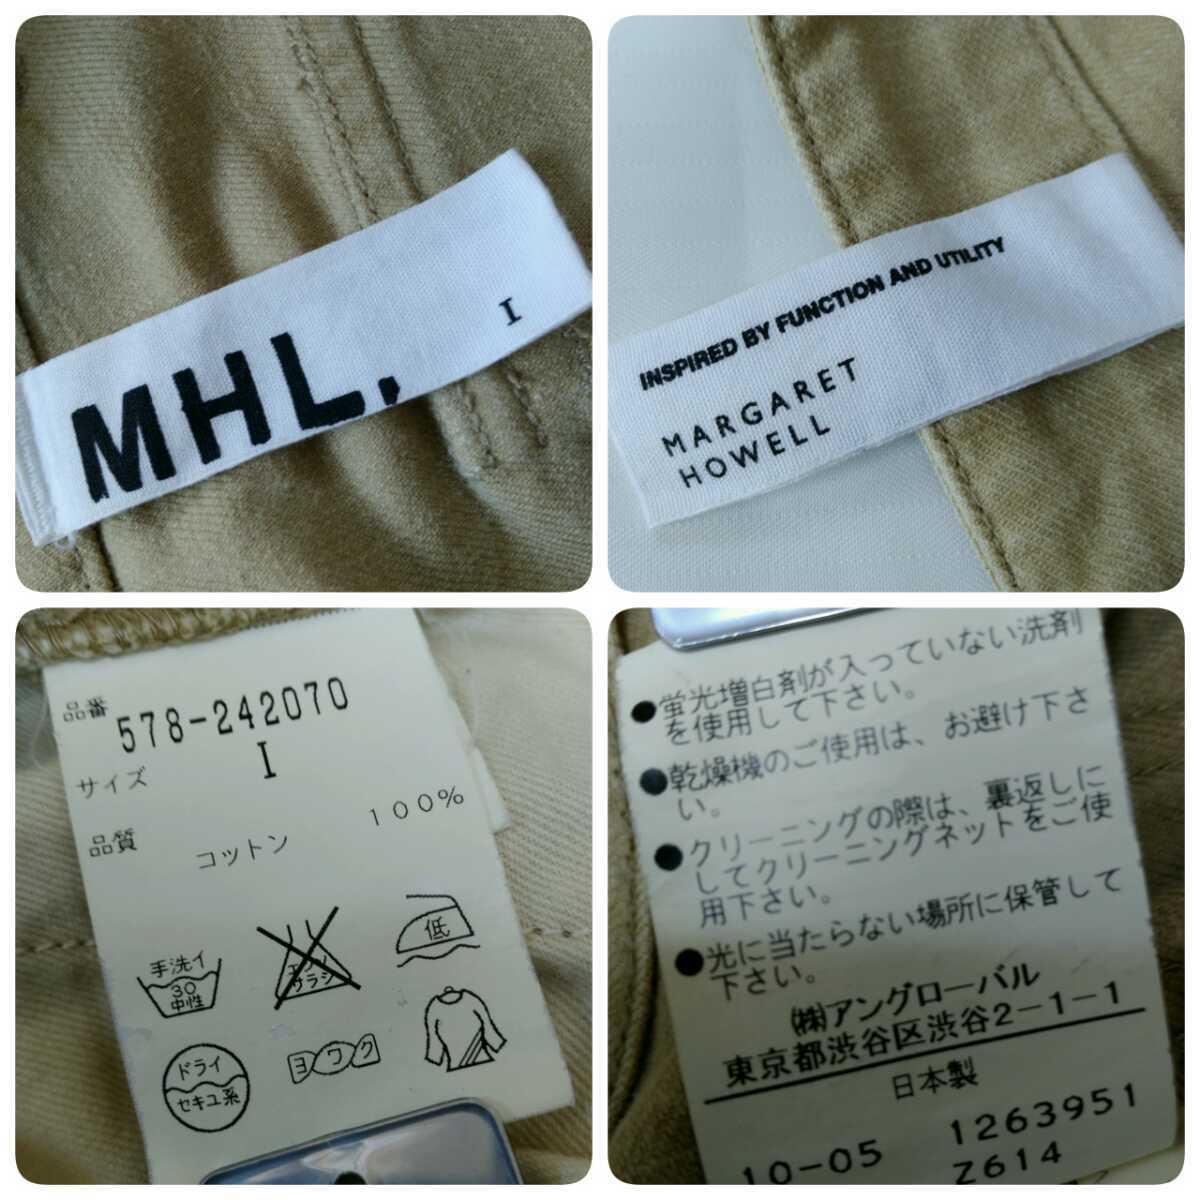 マーガレットハウエル MARGARET HOWELL 日本製 メンズⅠ ベージュ ワークパンツ チノパン 古着男子 フルダン 古着MIX カジュアルパンツ/G29